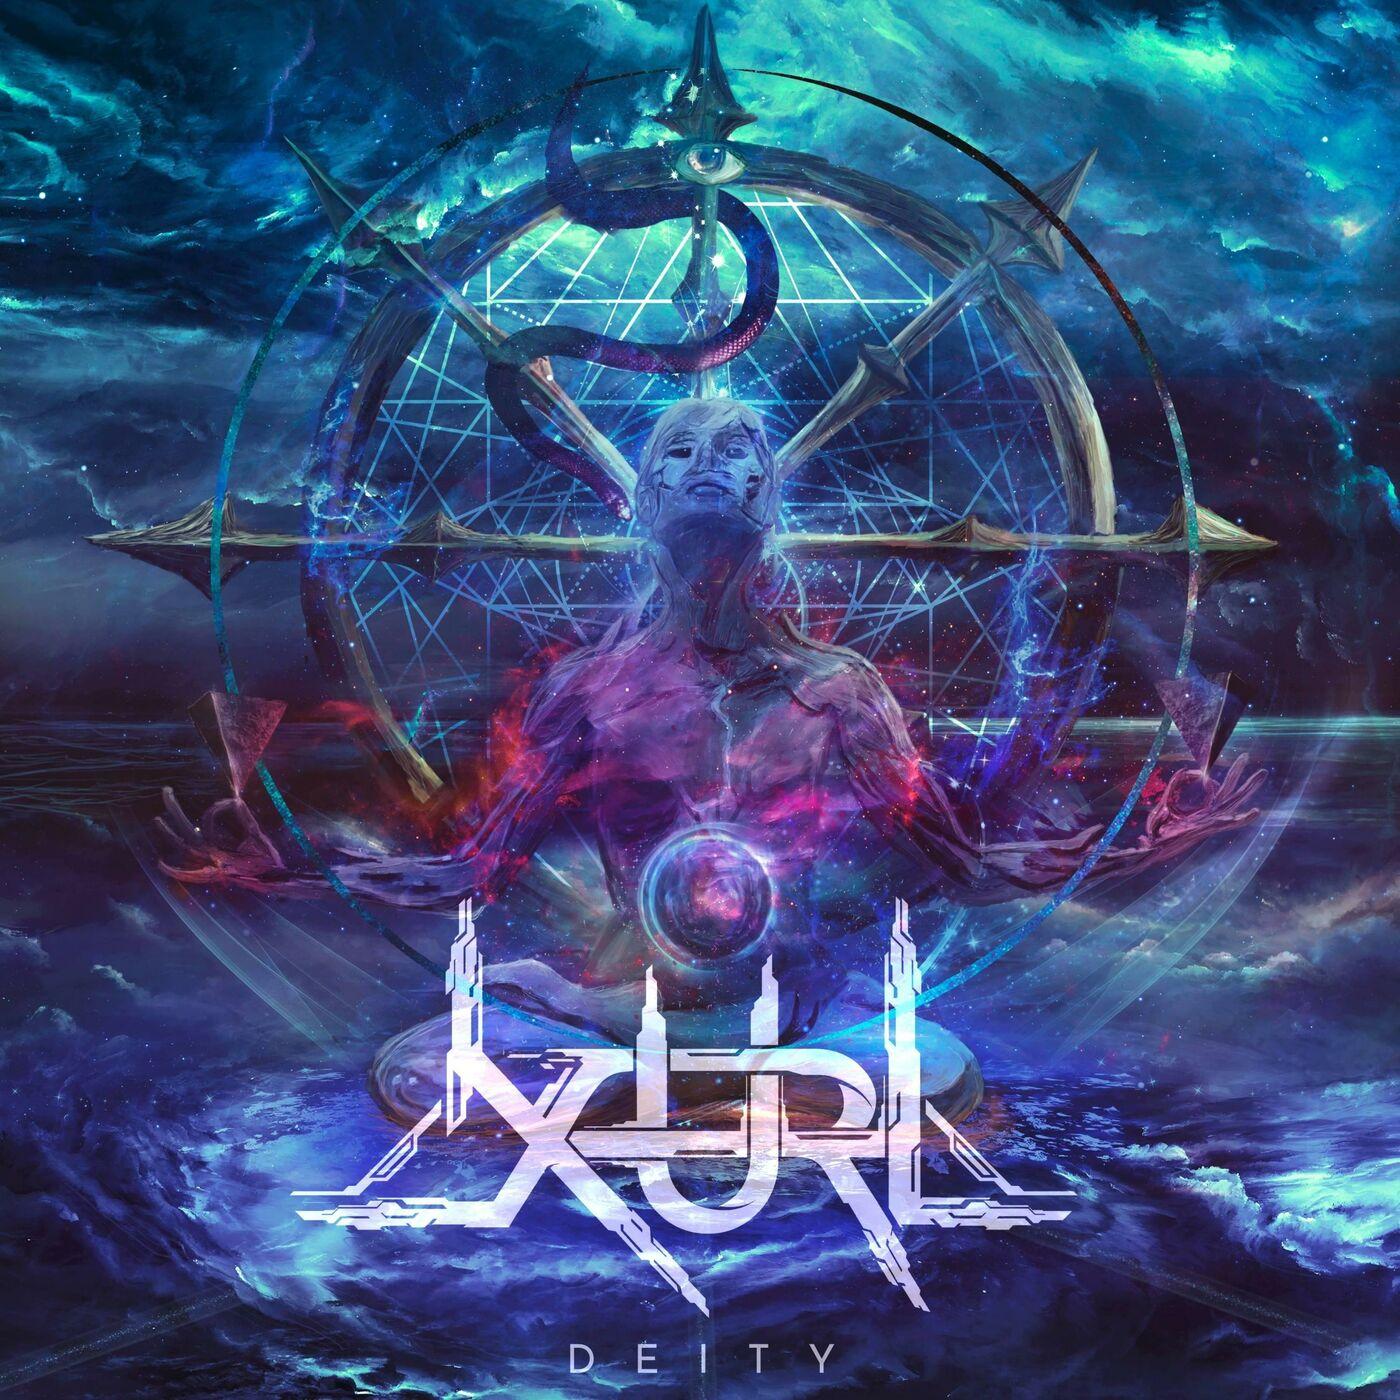 XURL - Deity (2019)